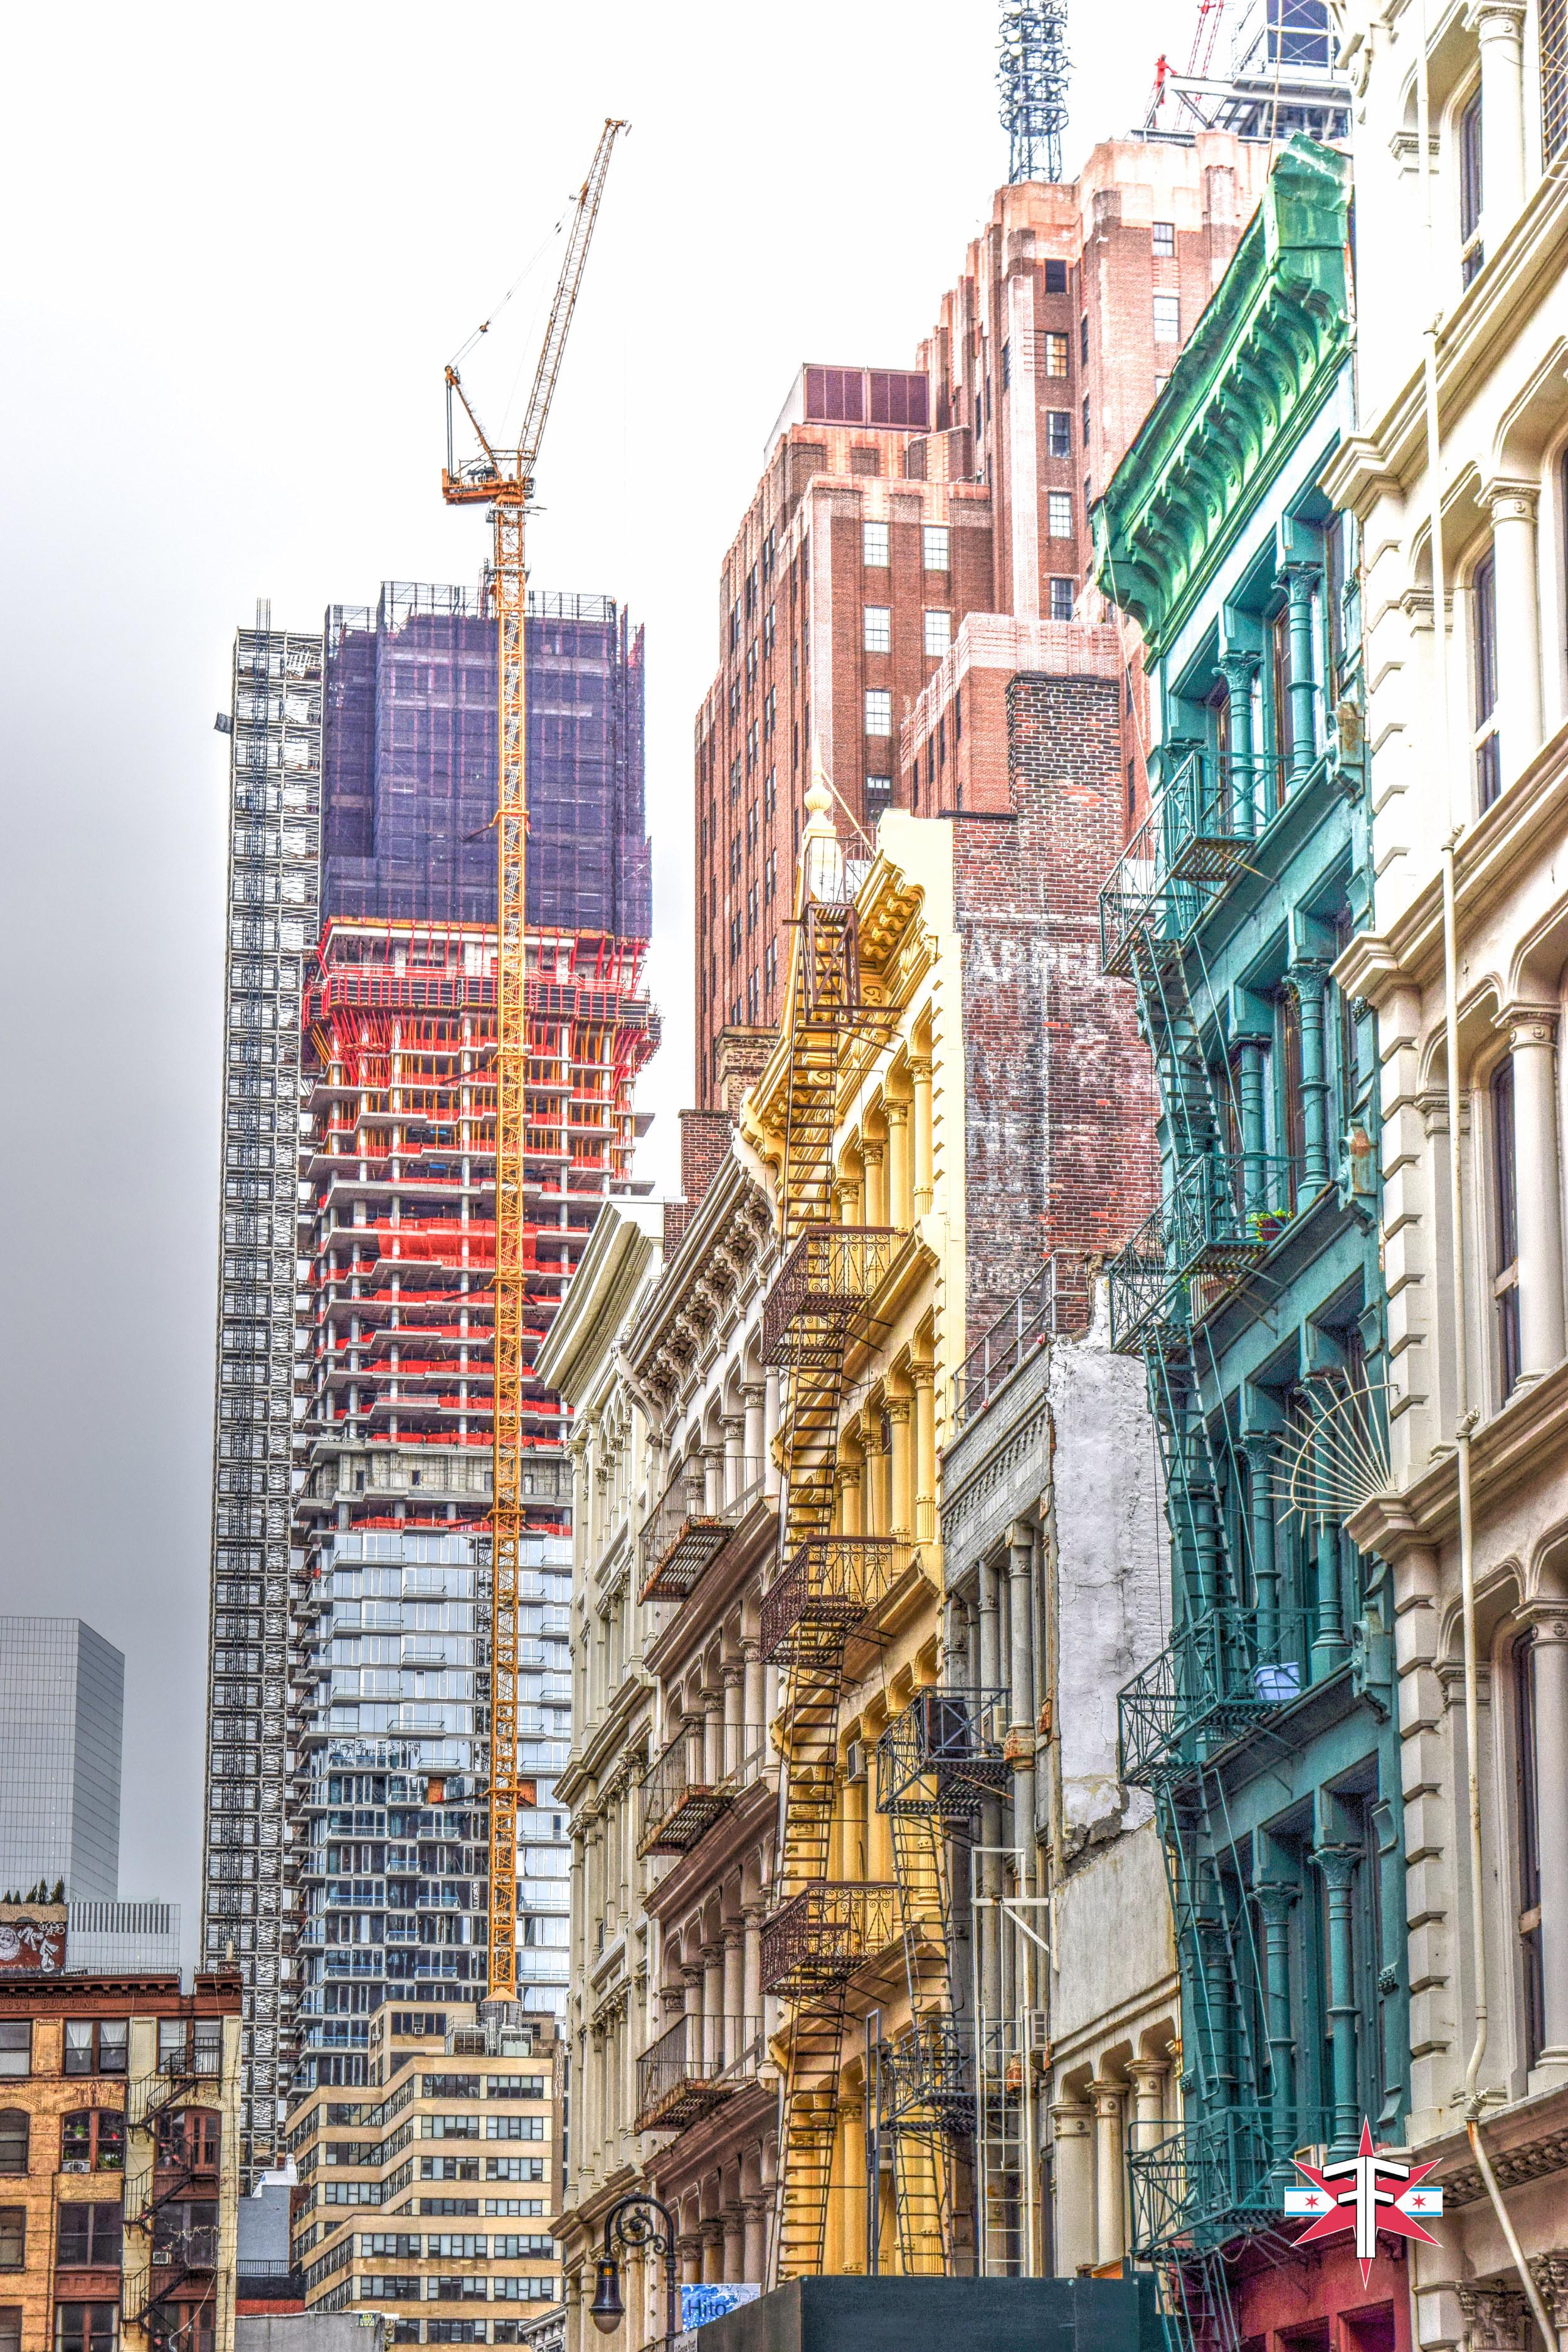 chicago art architecture eric formato photography design arquitectura architettura buildings skyscraper skyscrapers-130.jpg